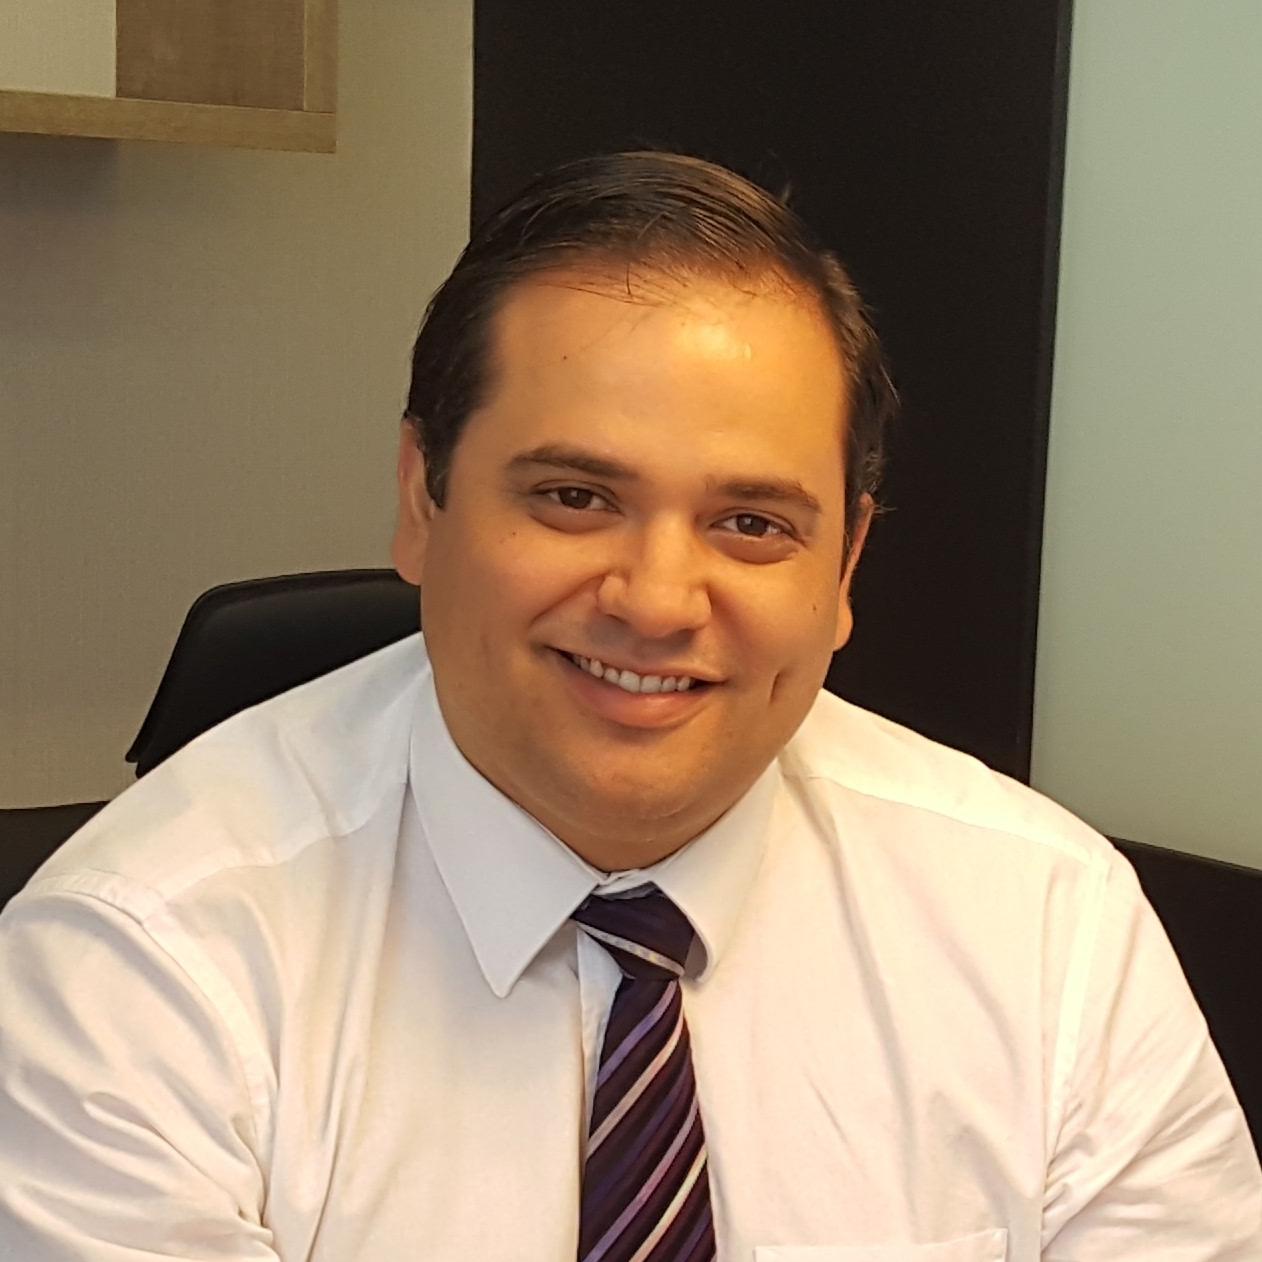 Marcelo Guerra de Albuquerque Rosendo